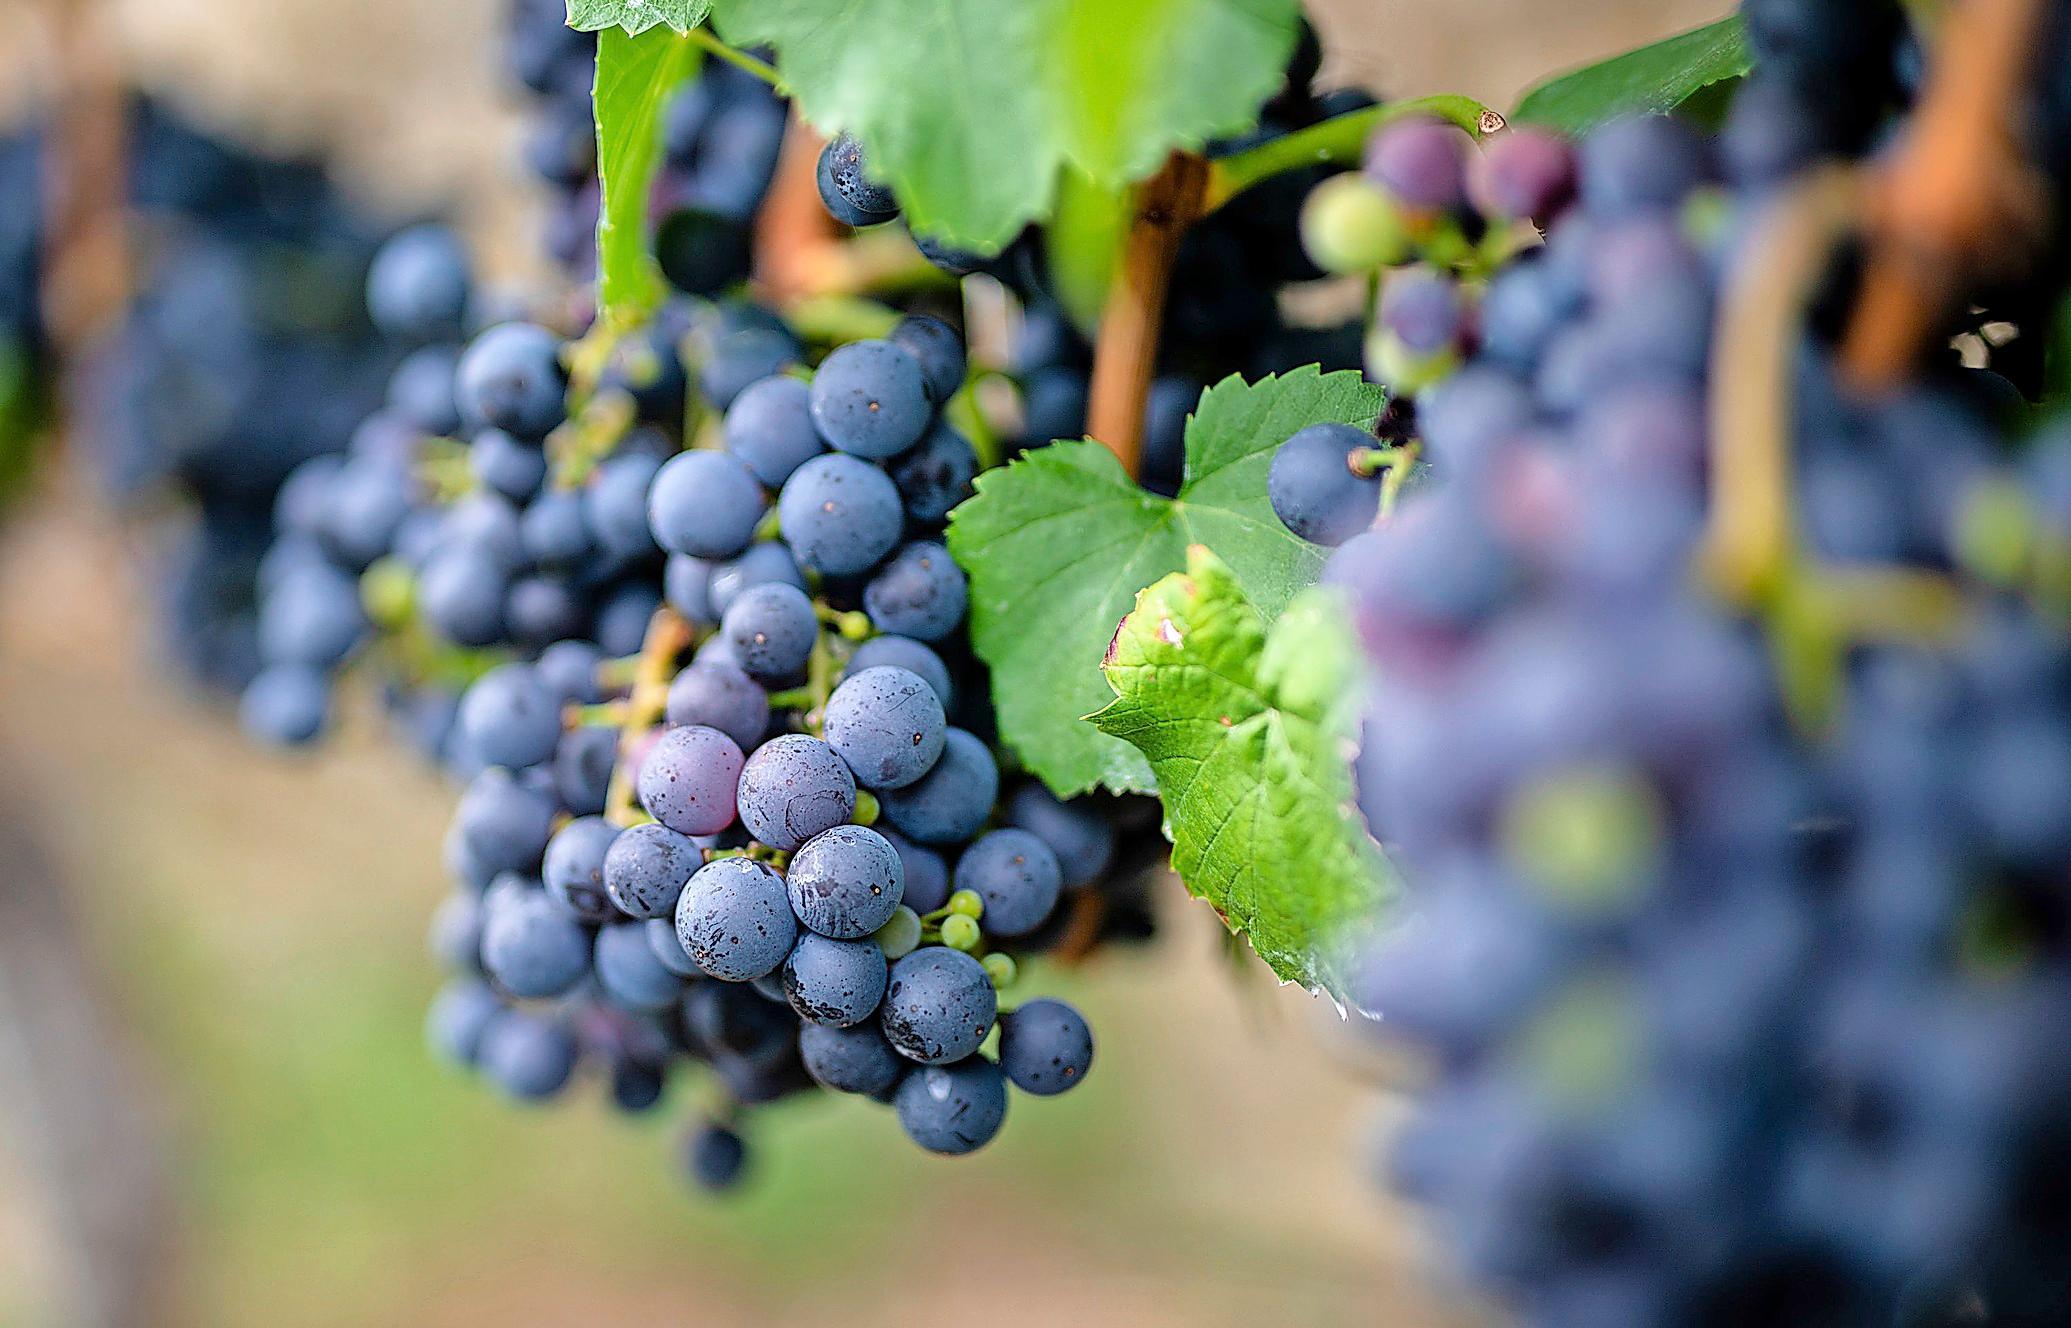 Im Anbaugebiet des Badischen Weinbauverbands wachsen ausgezeichnet Weine. FOTO: CHRISTOPH SCHMIDT (DPA)